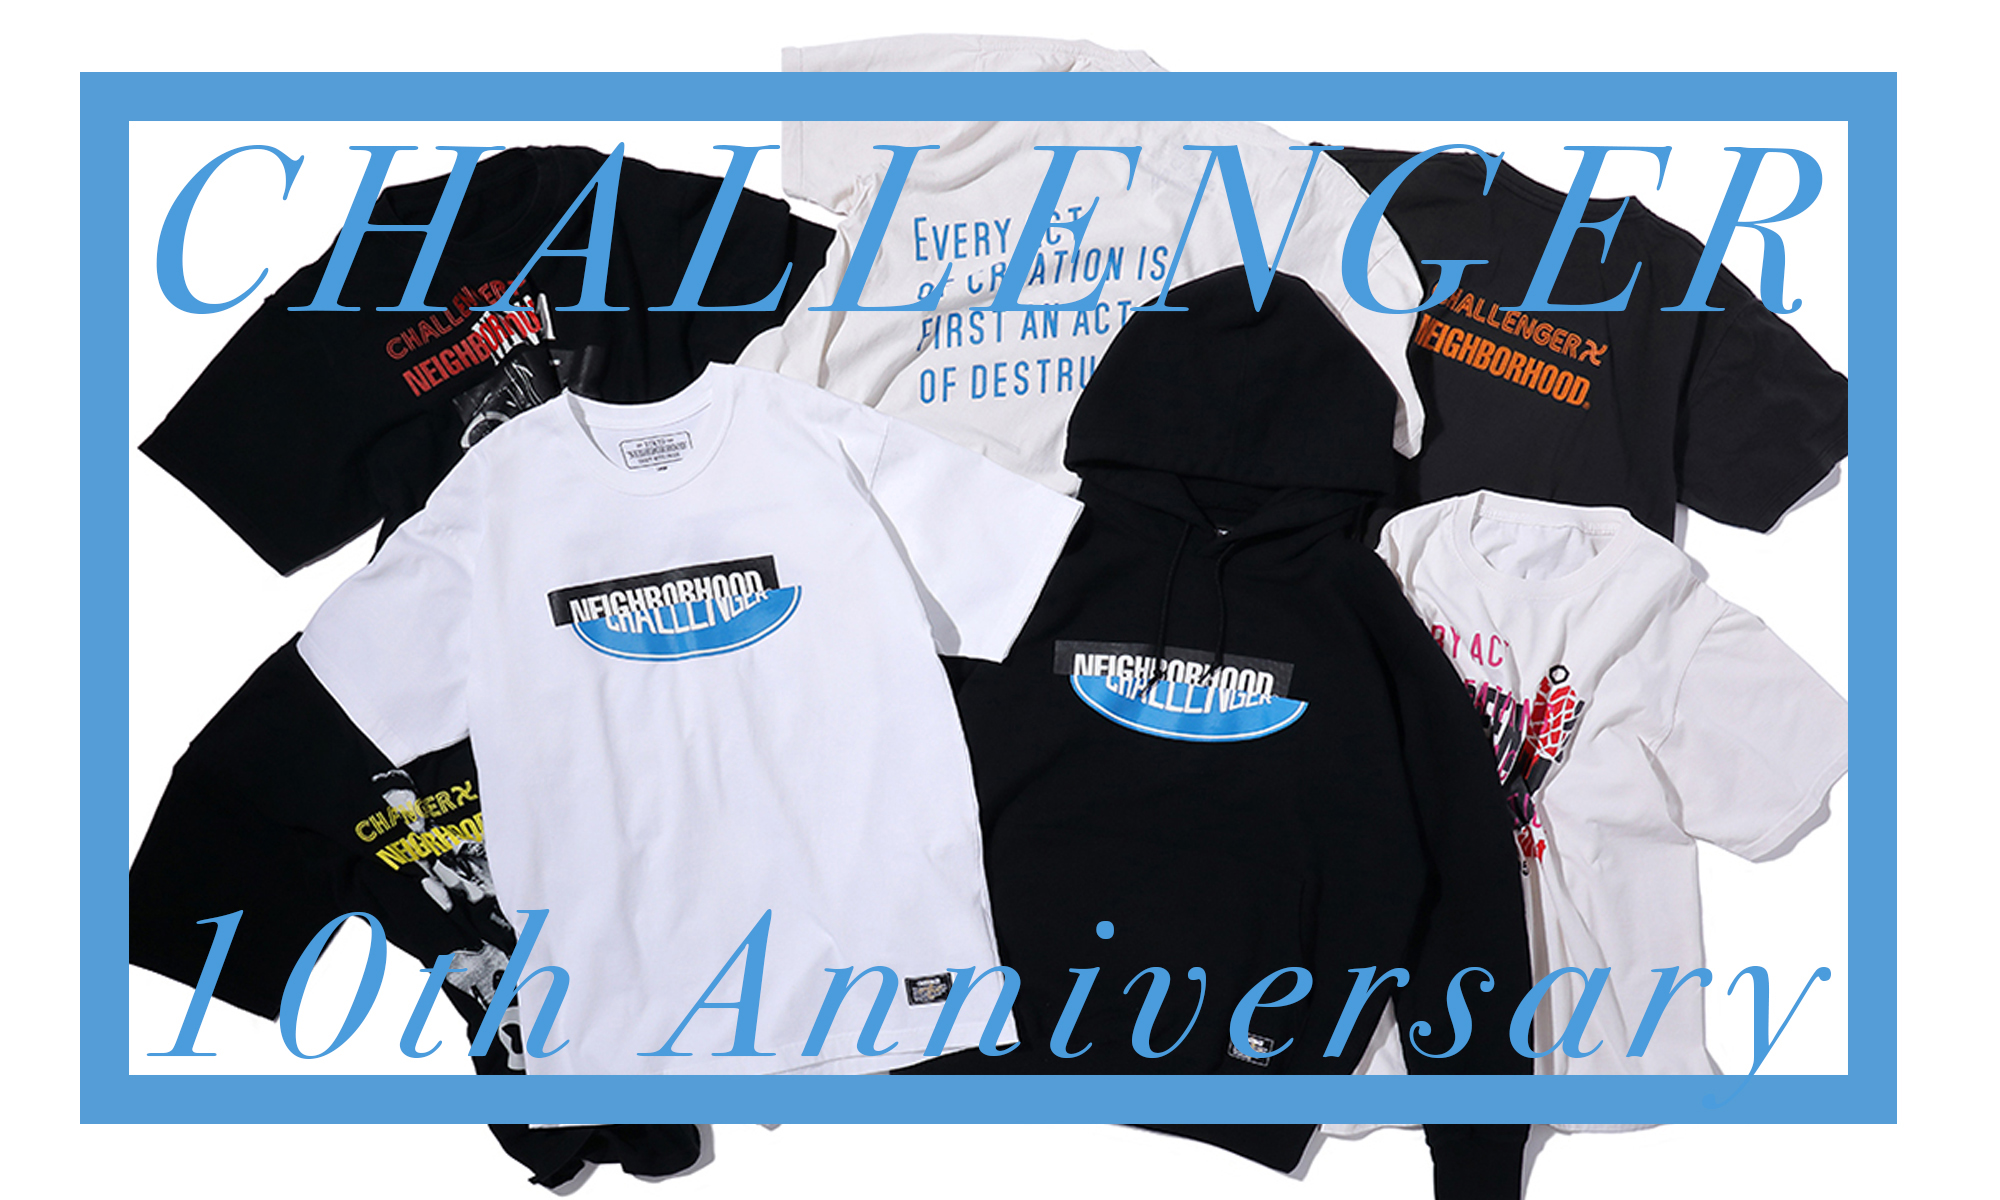 """10周年を迎えた""""挑戦者""""による特別アイテムが到着! -CHALLENGER 10th Anniversary-"""